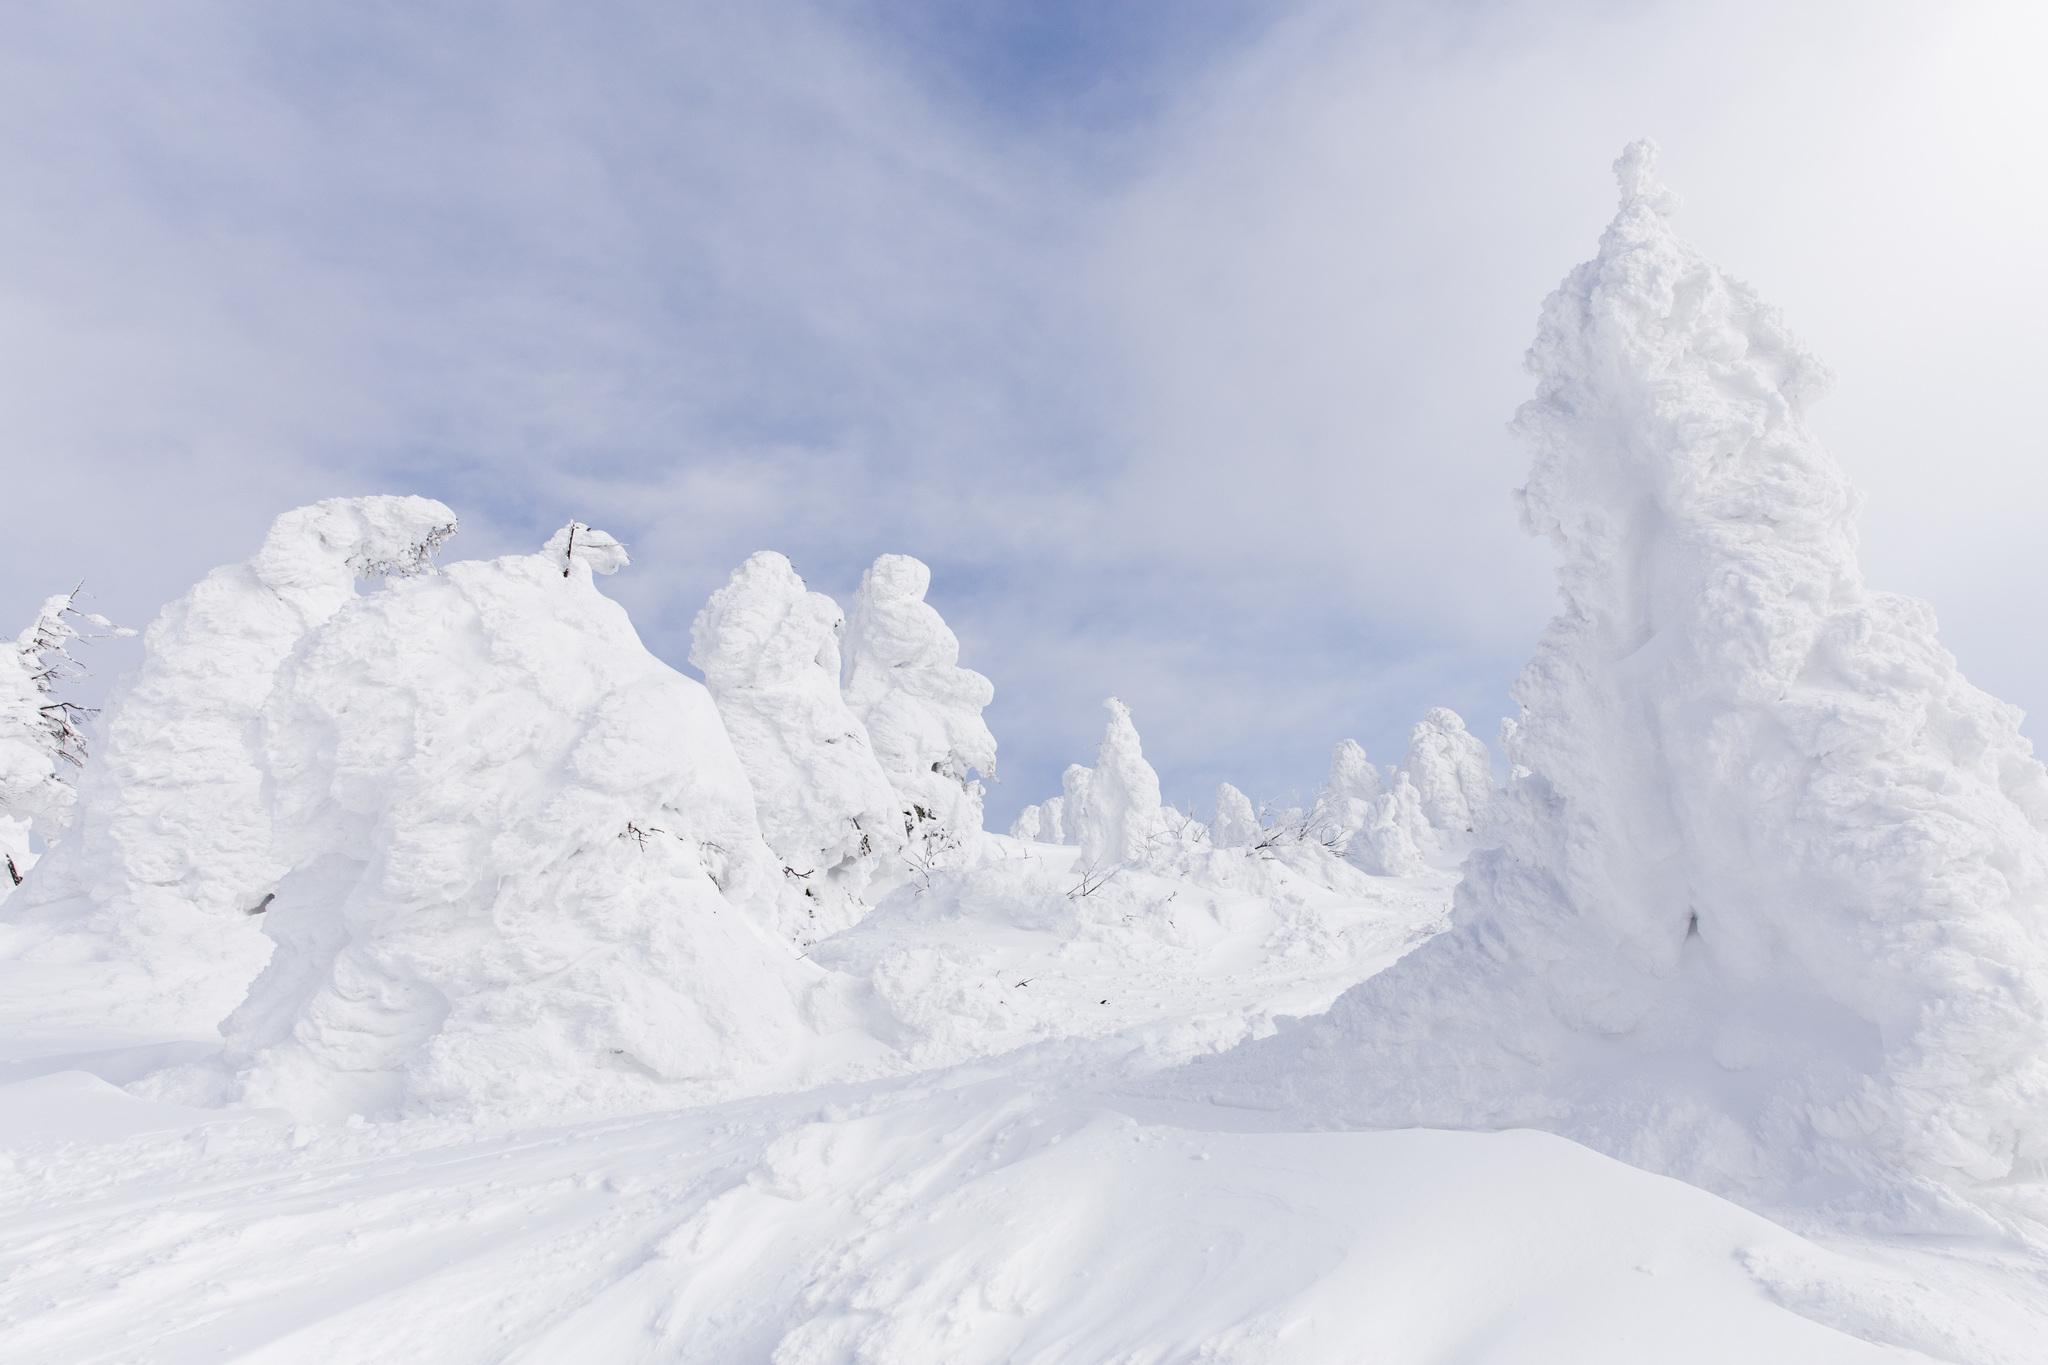 Zao ski©JNTO 2 - Japón inicia su temporada de esquí